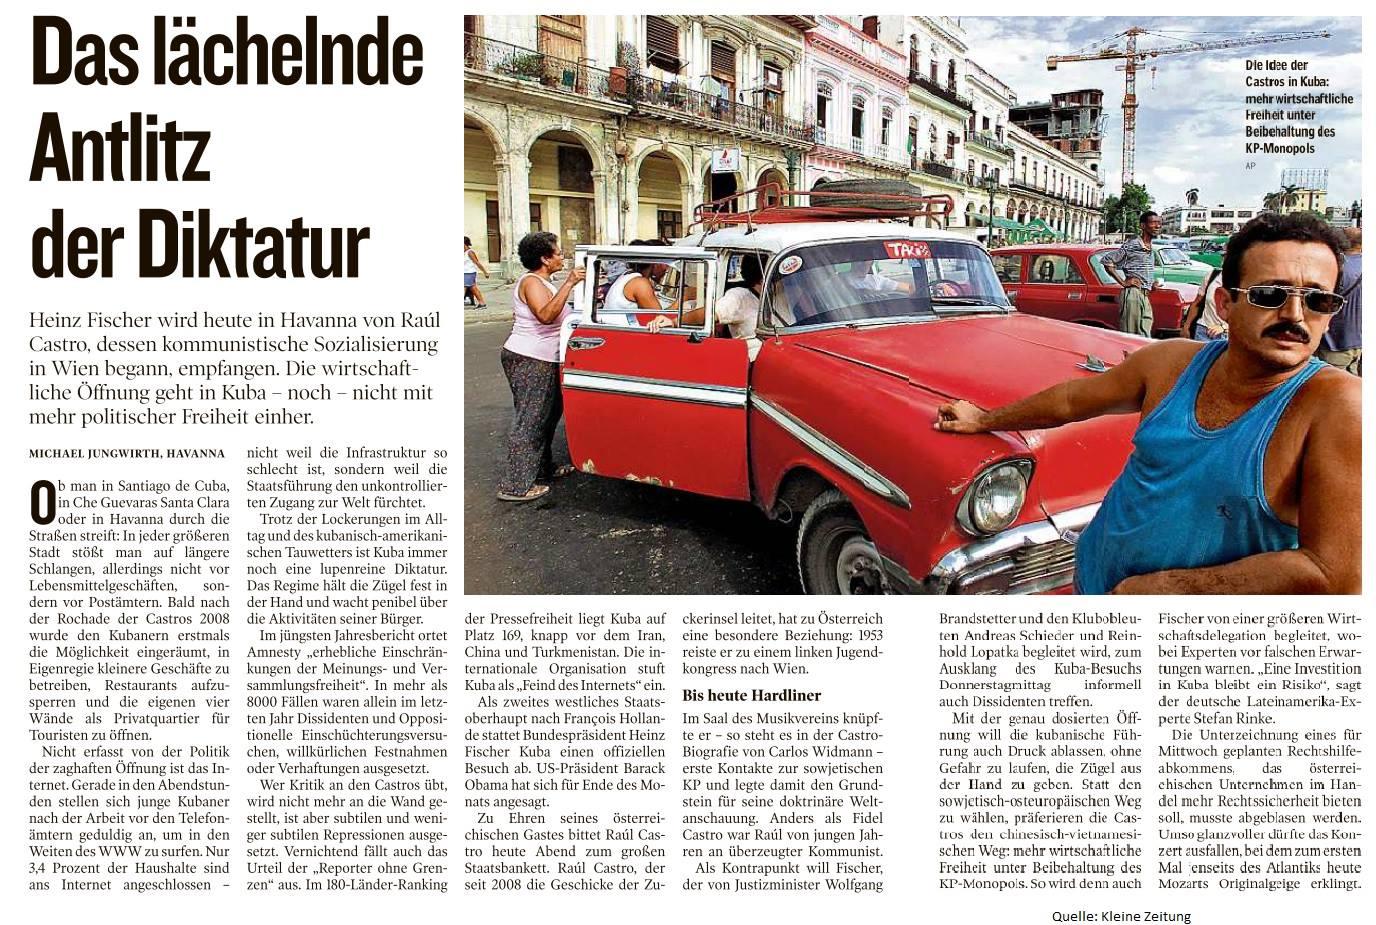 (c) Kleine Zeitung